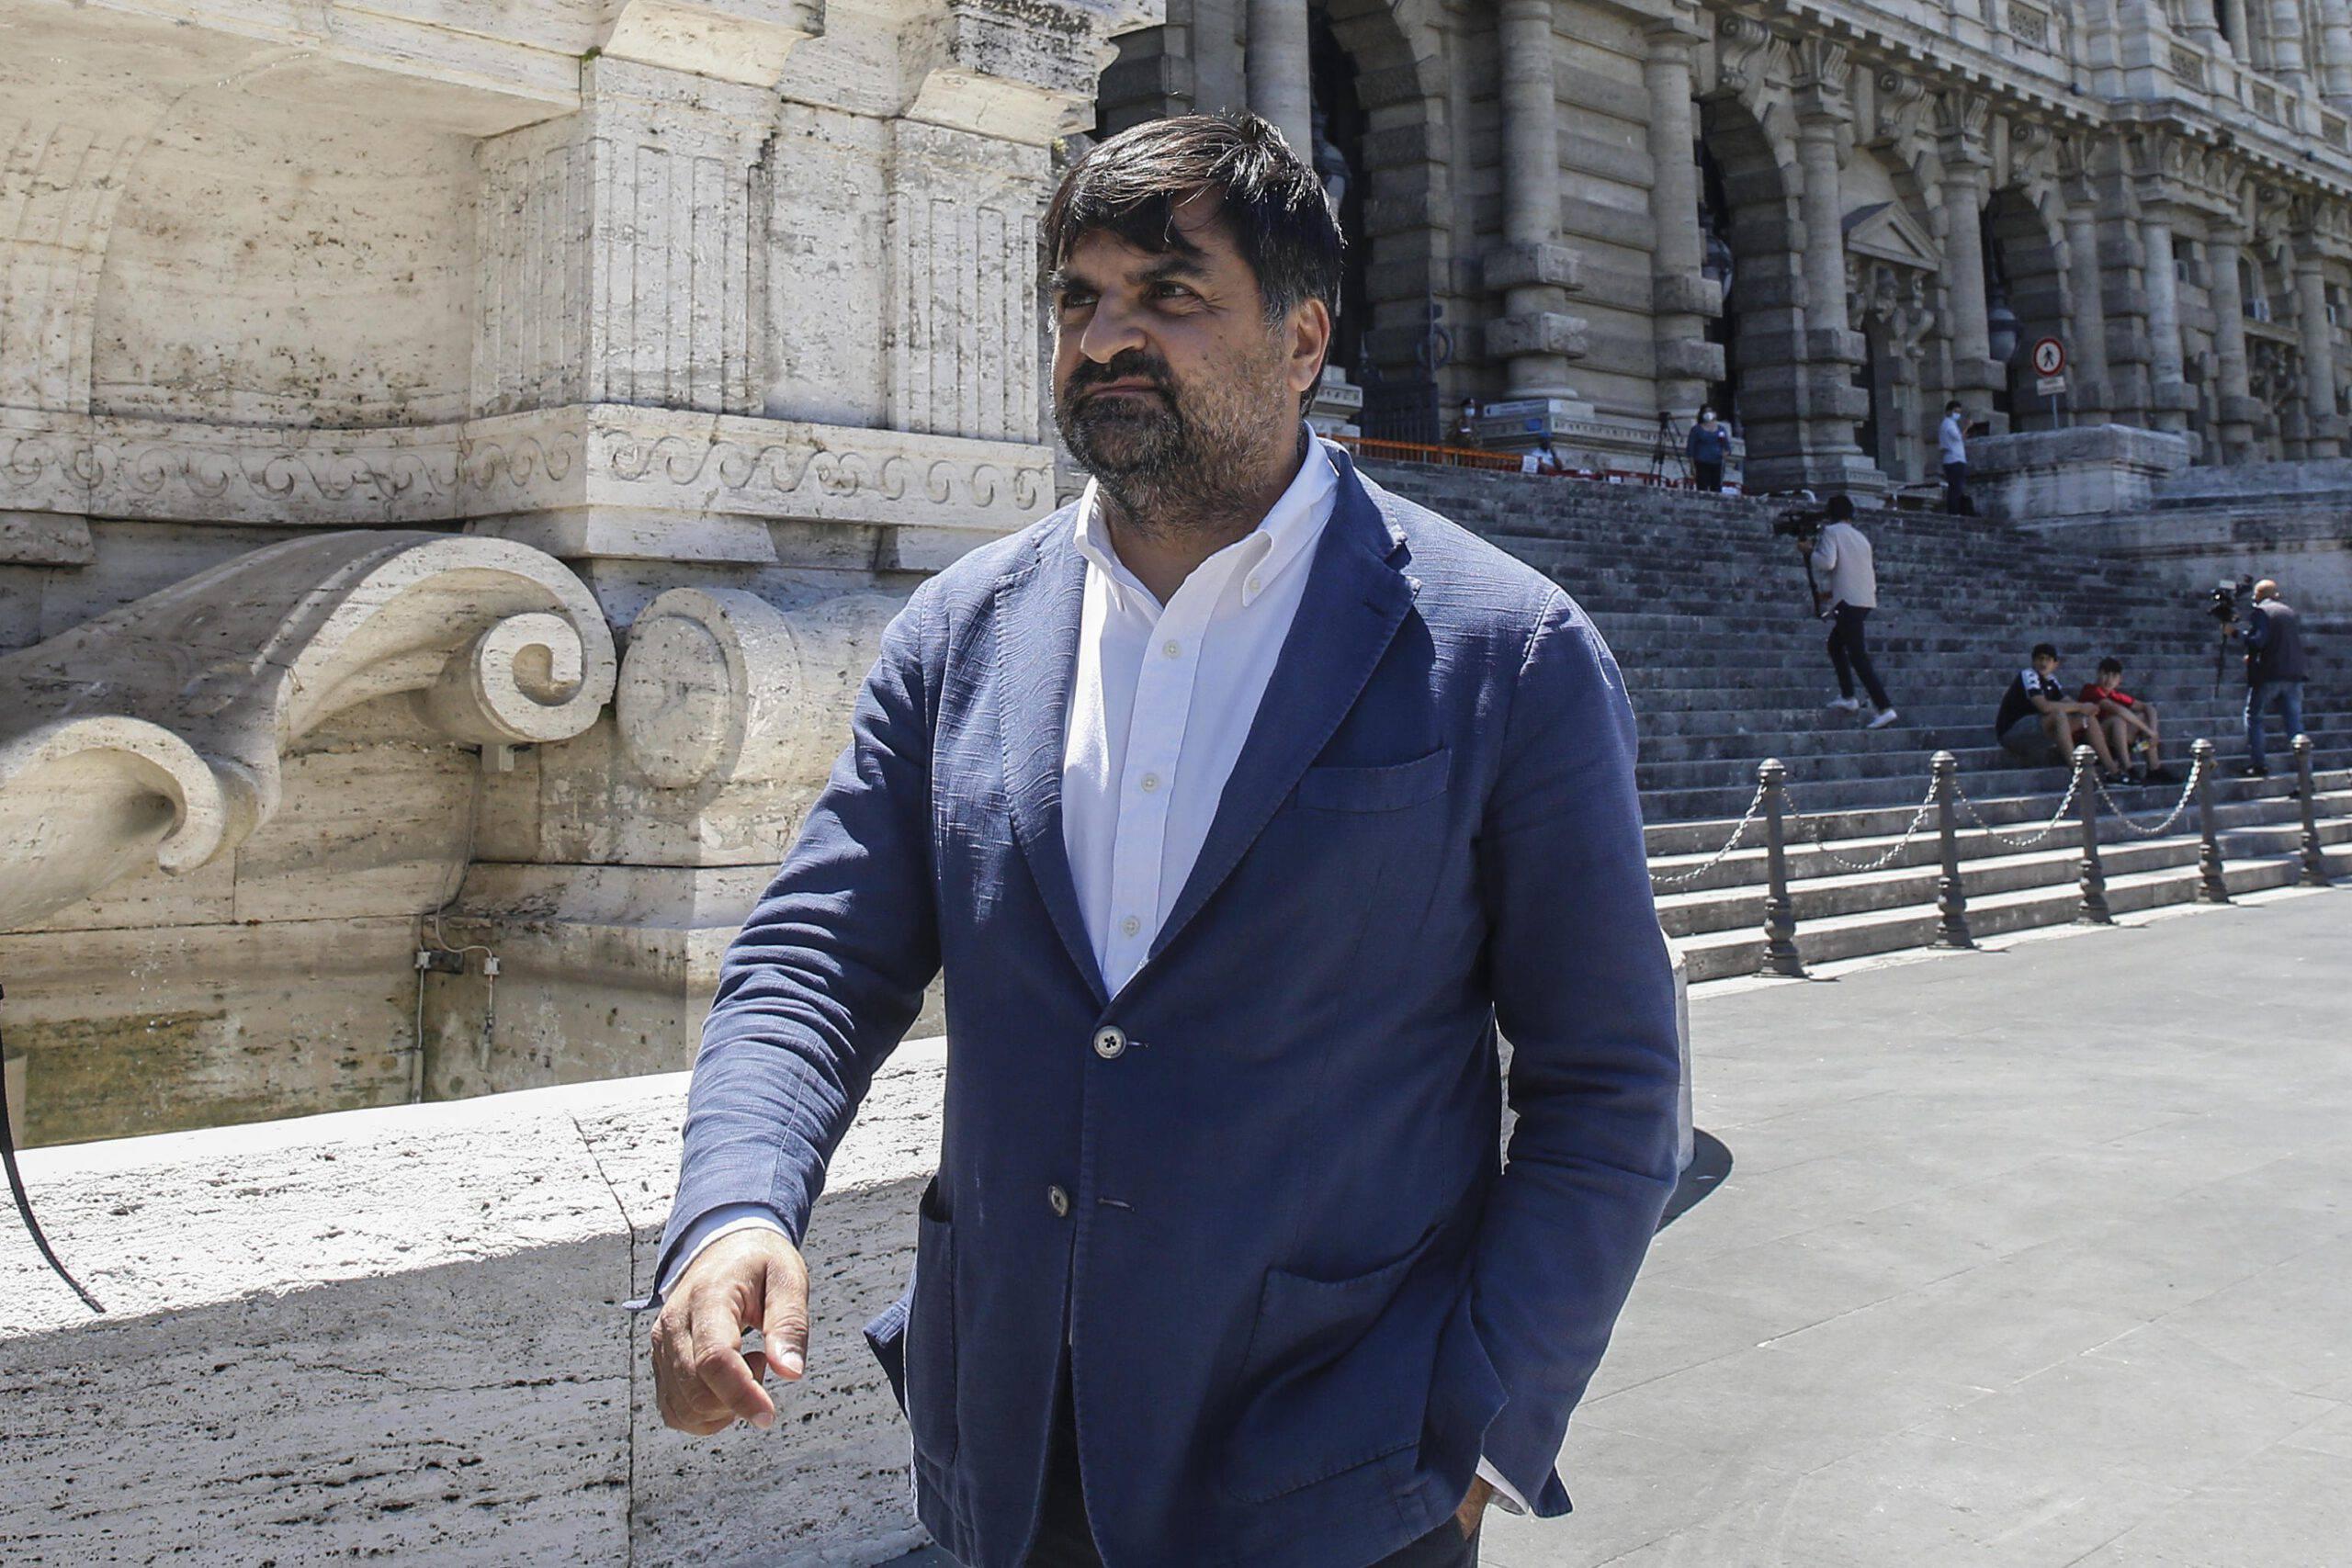 Caso nomine e Procure: chiesto processo disciplinare per Palamara e altri 9 magistrati - Leggilo.org